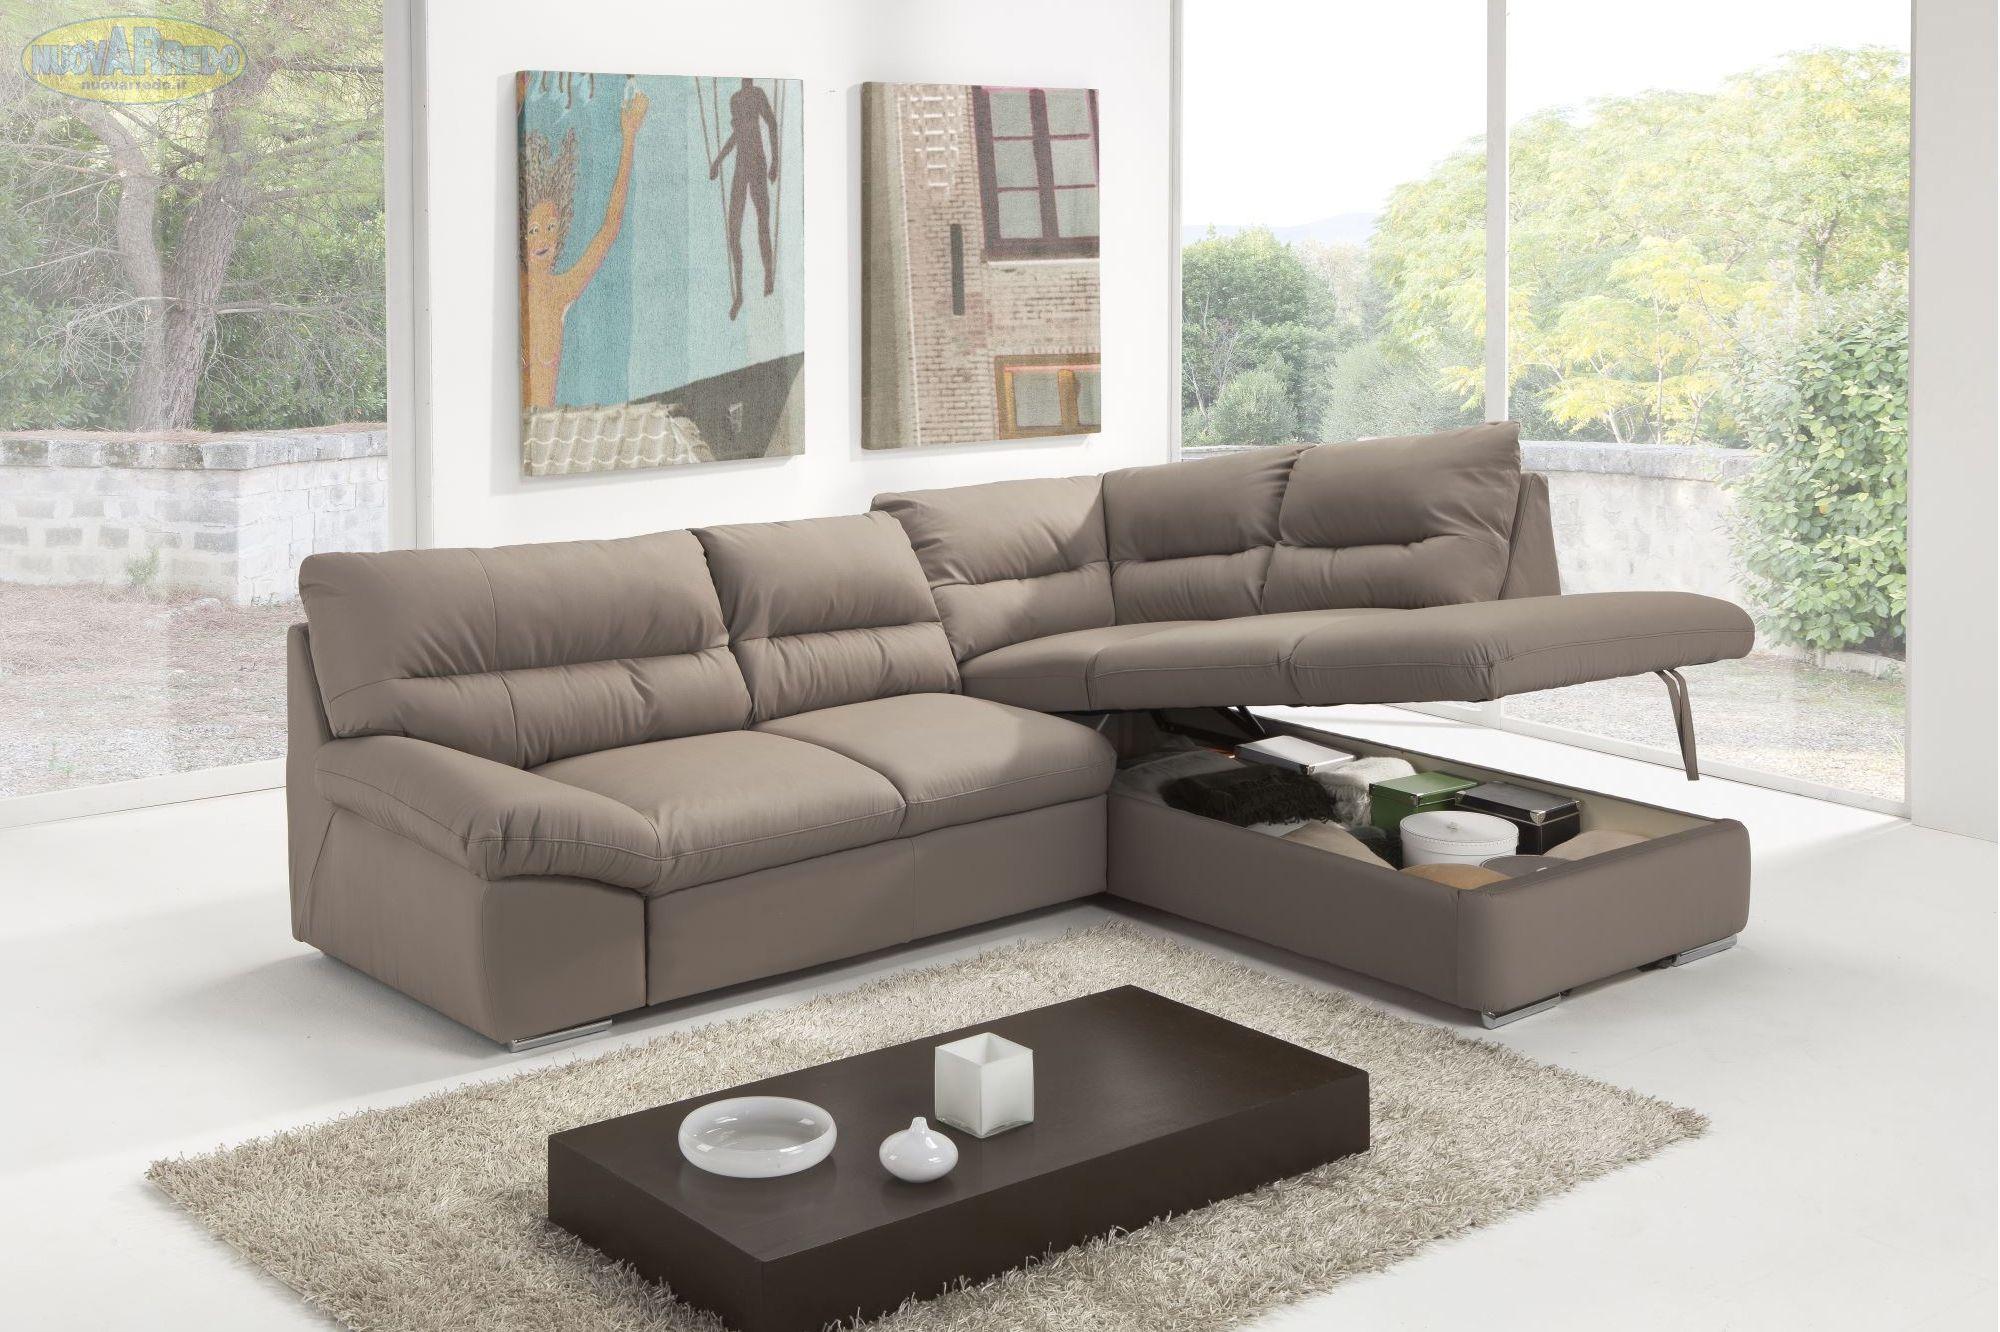 Divano Trapuntato ~ Prezzo u ac divano angolare in ecopelle argento con contenitore